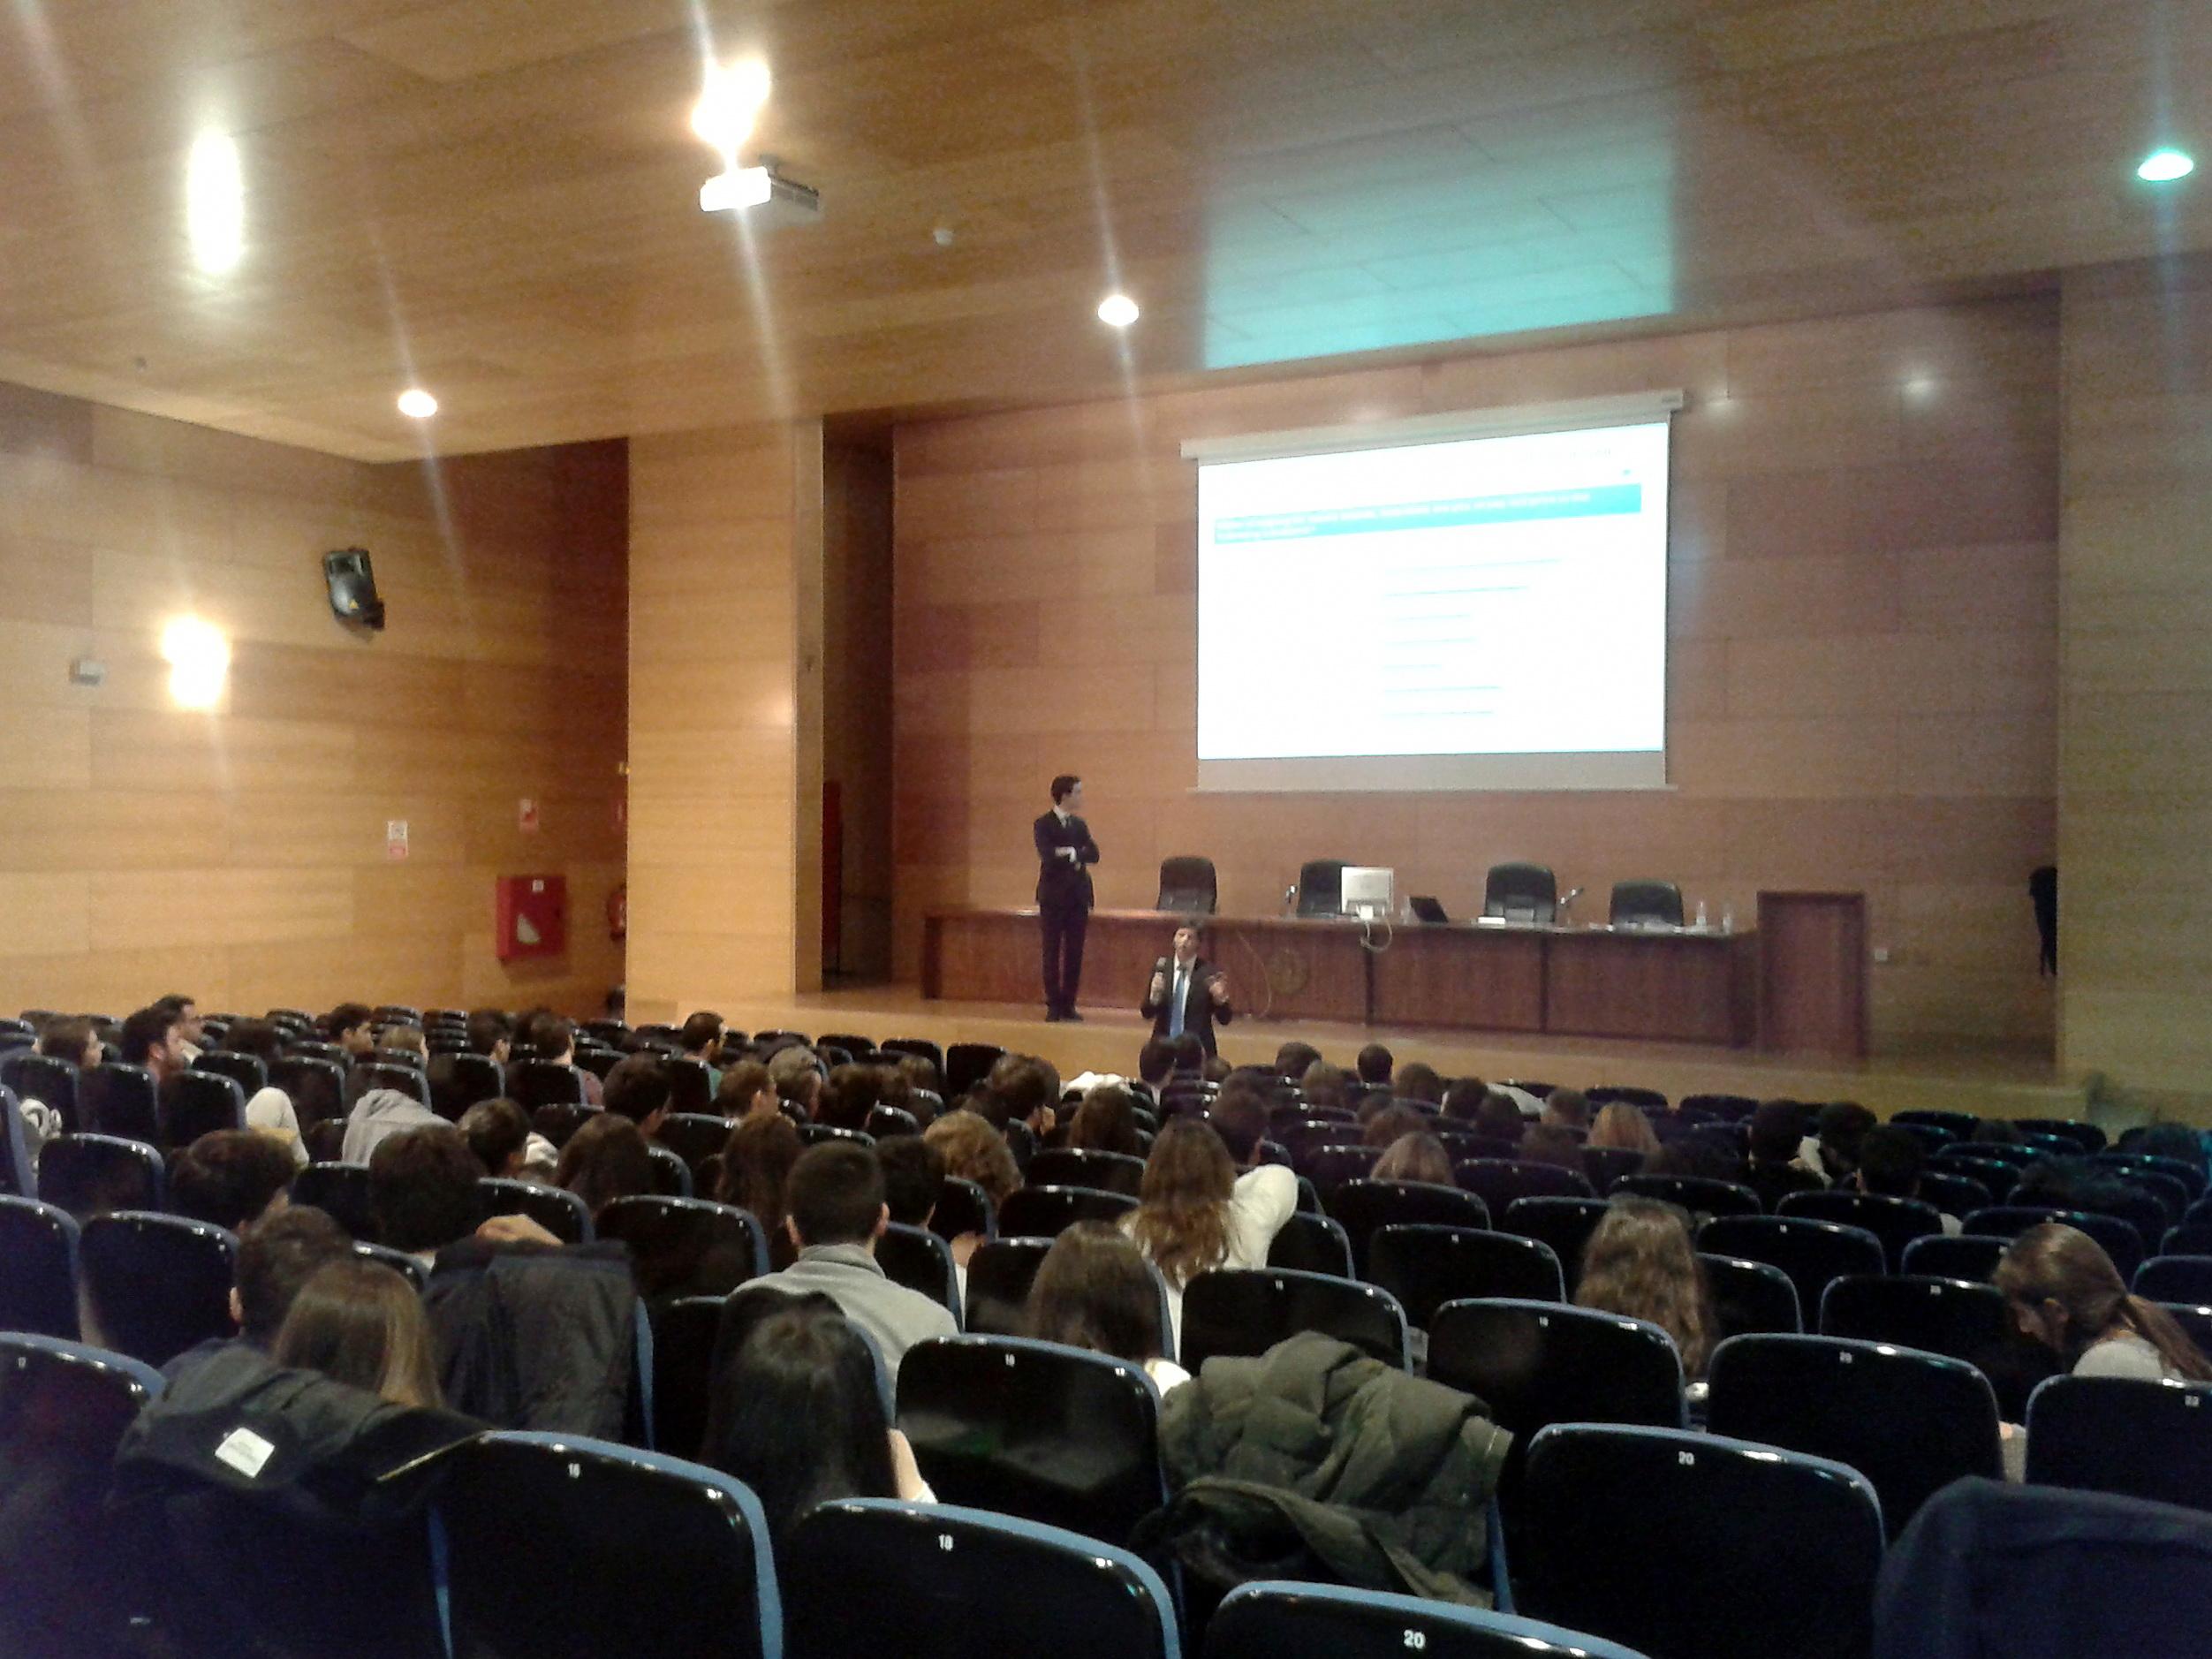 Un centenar de estudiantes se forman en consultoría estratégica en un taller organizado por la Facultad de Economía y Empresa